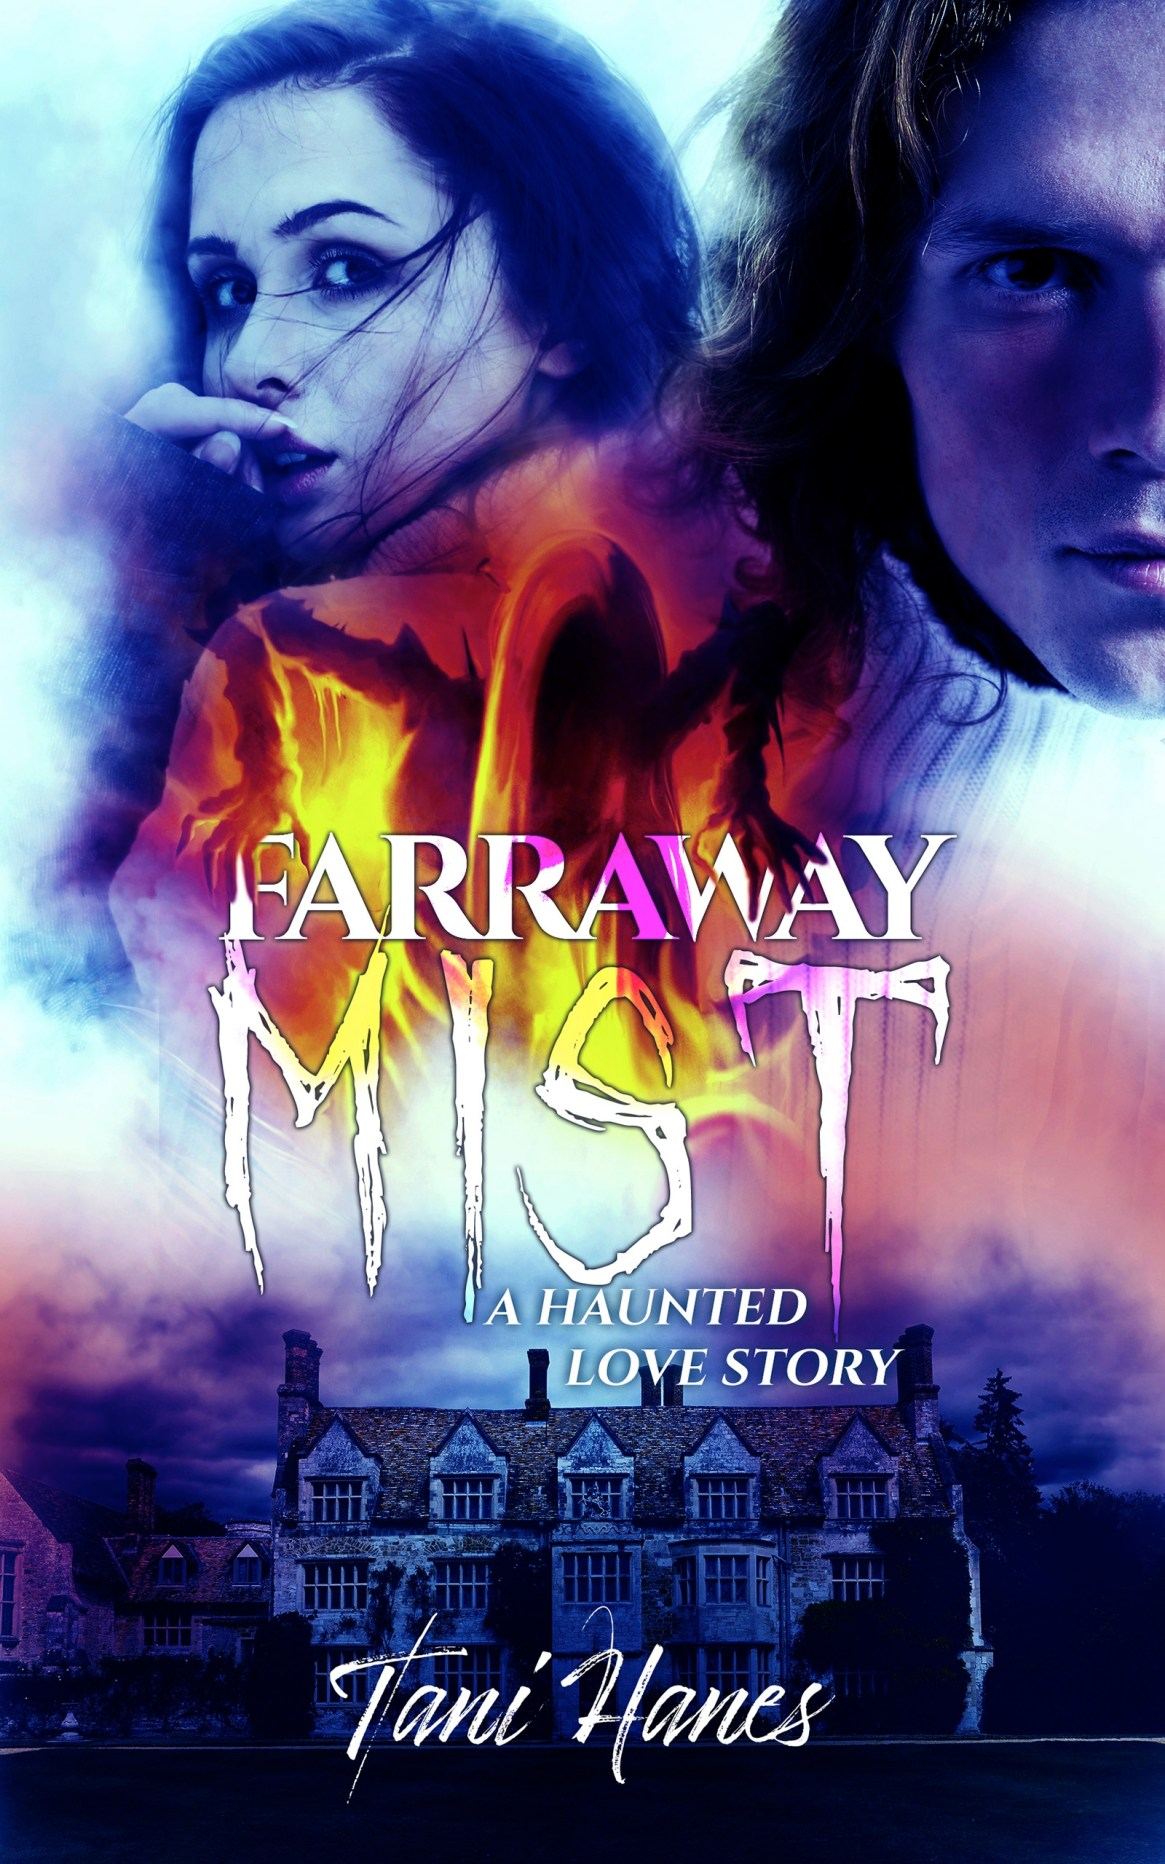 Farraway Mist